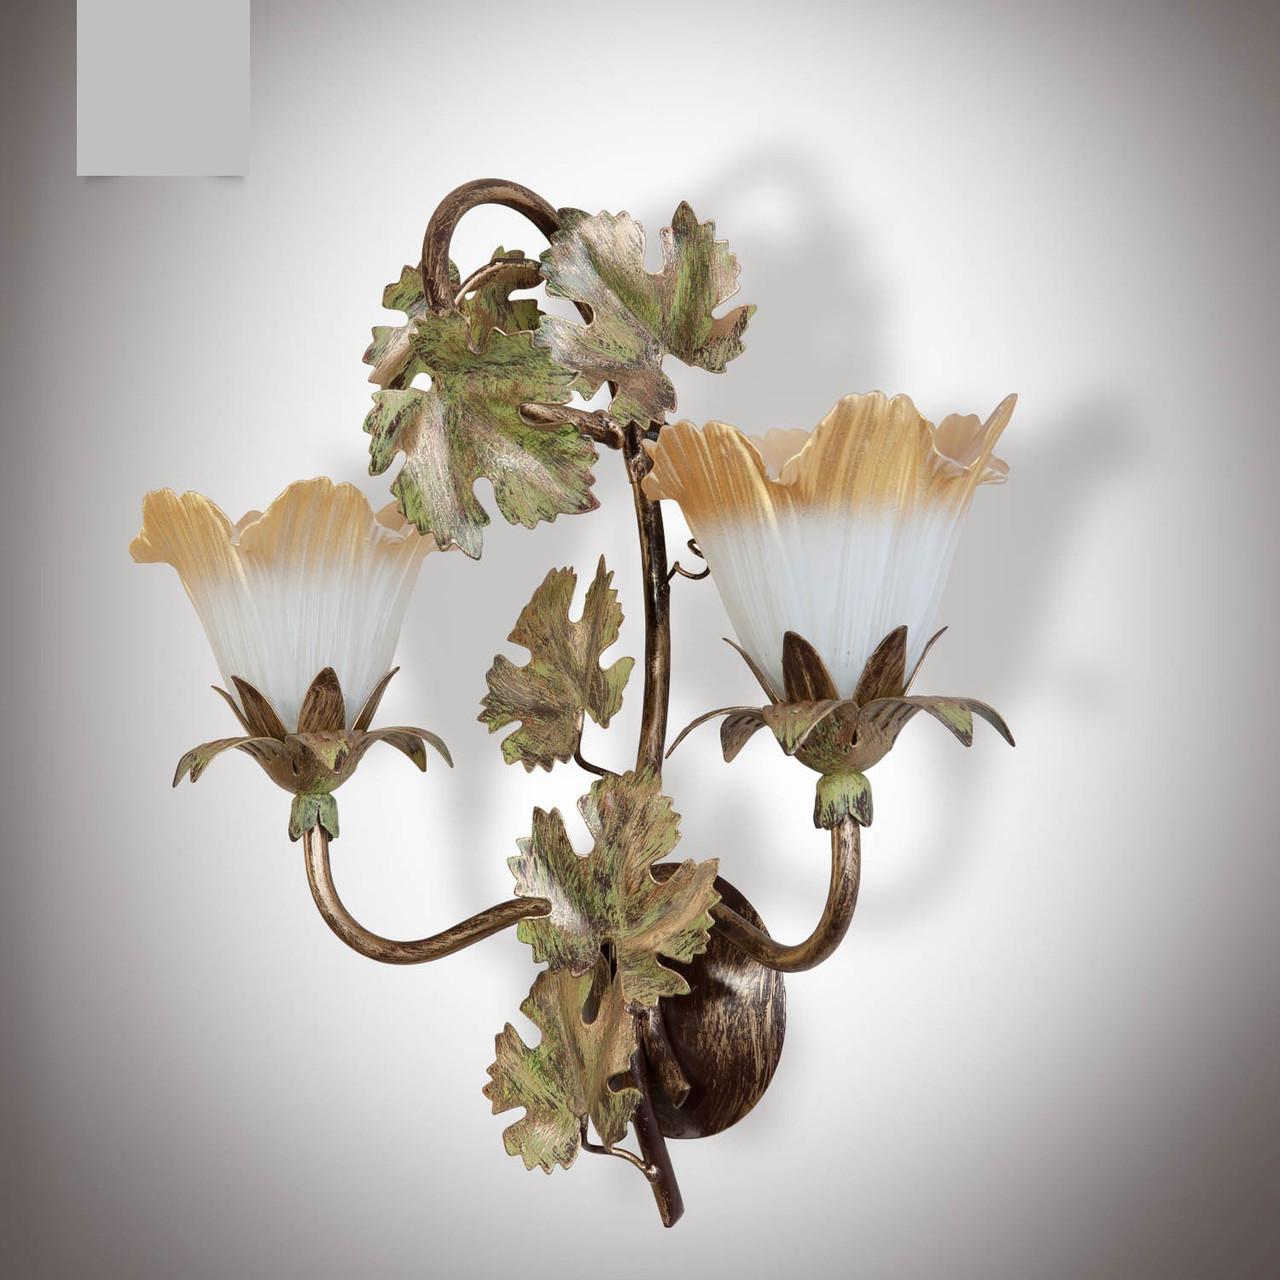 Бра в стиле флористика 2 ламповое  8206